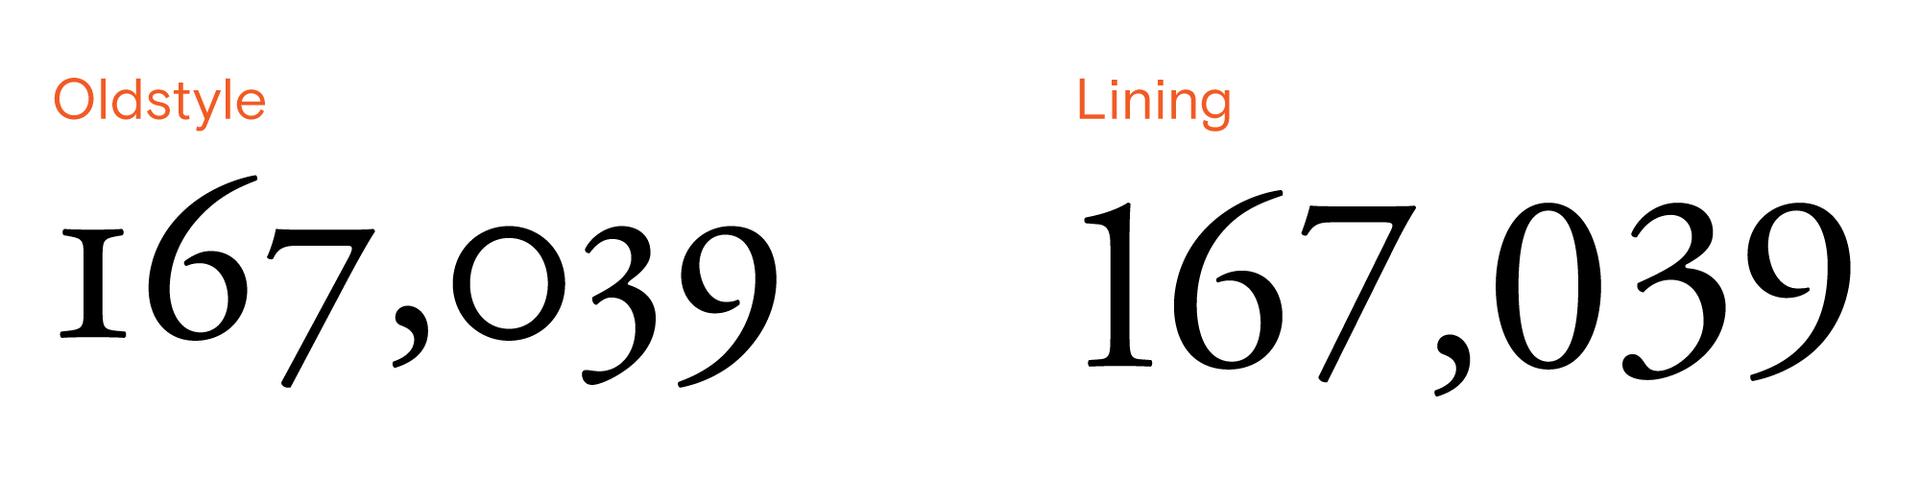 Старовинні та лінійні цифри